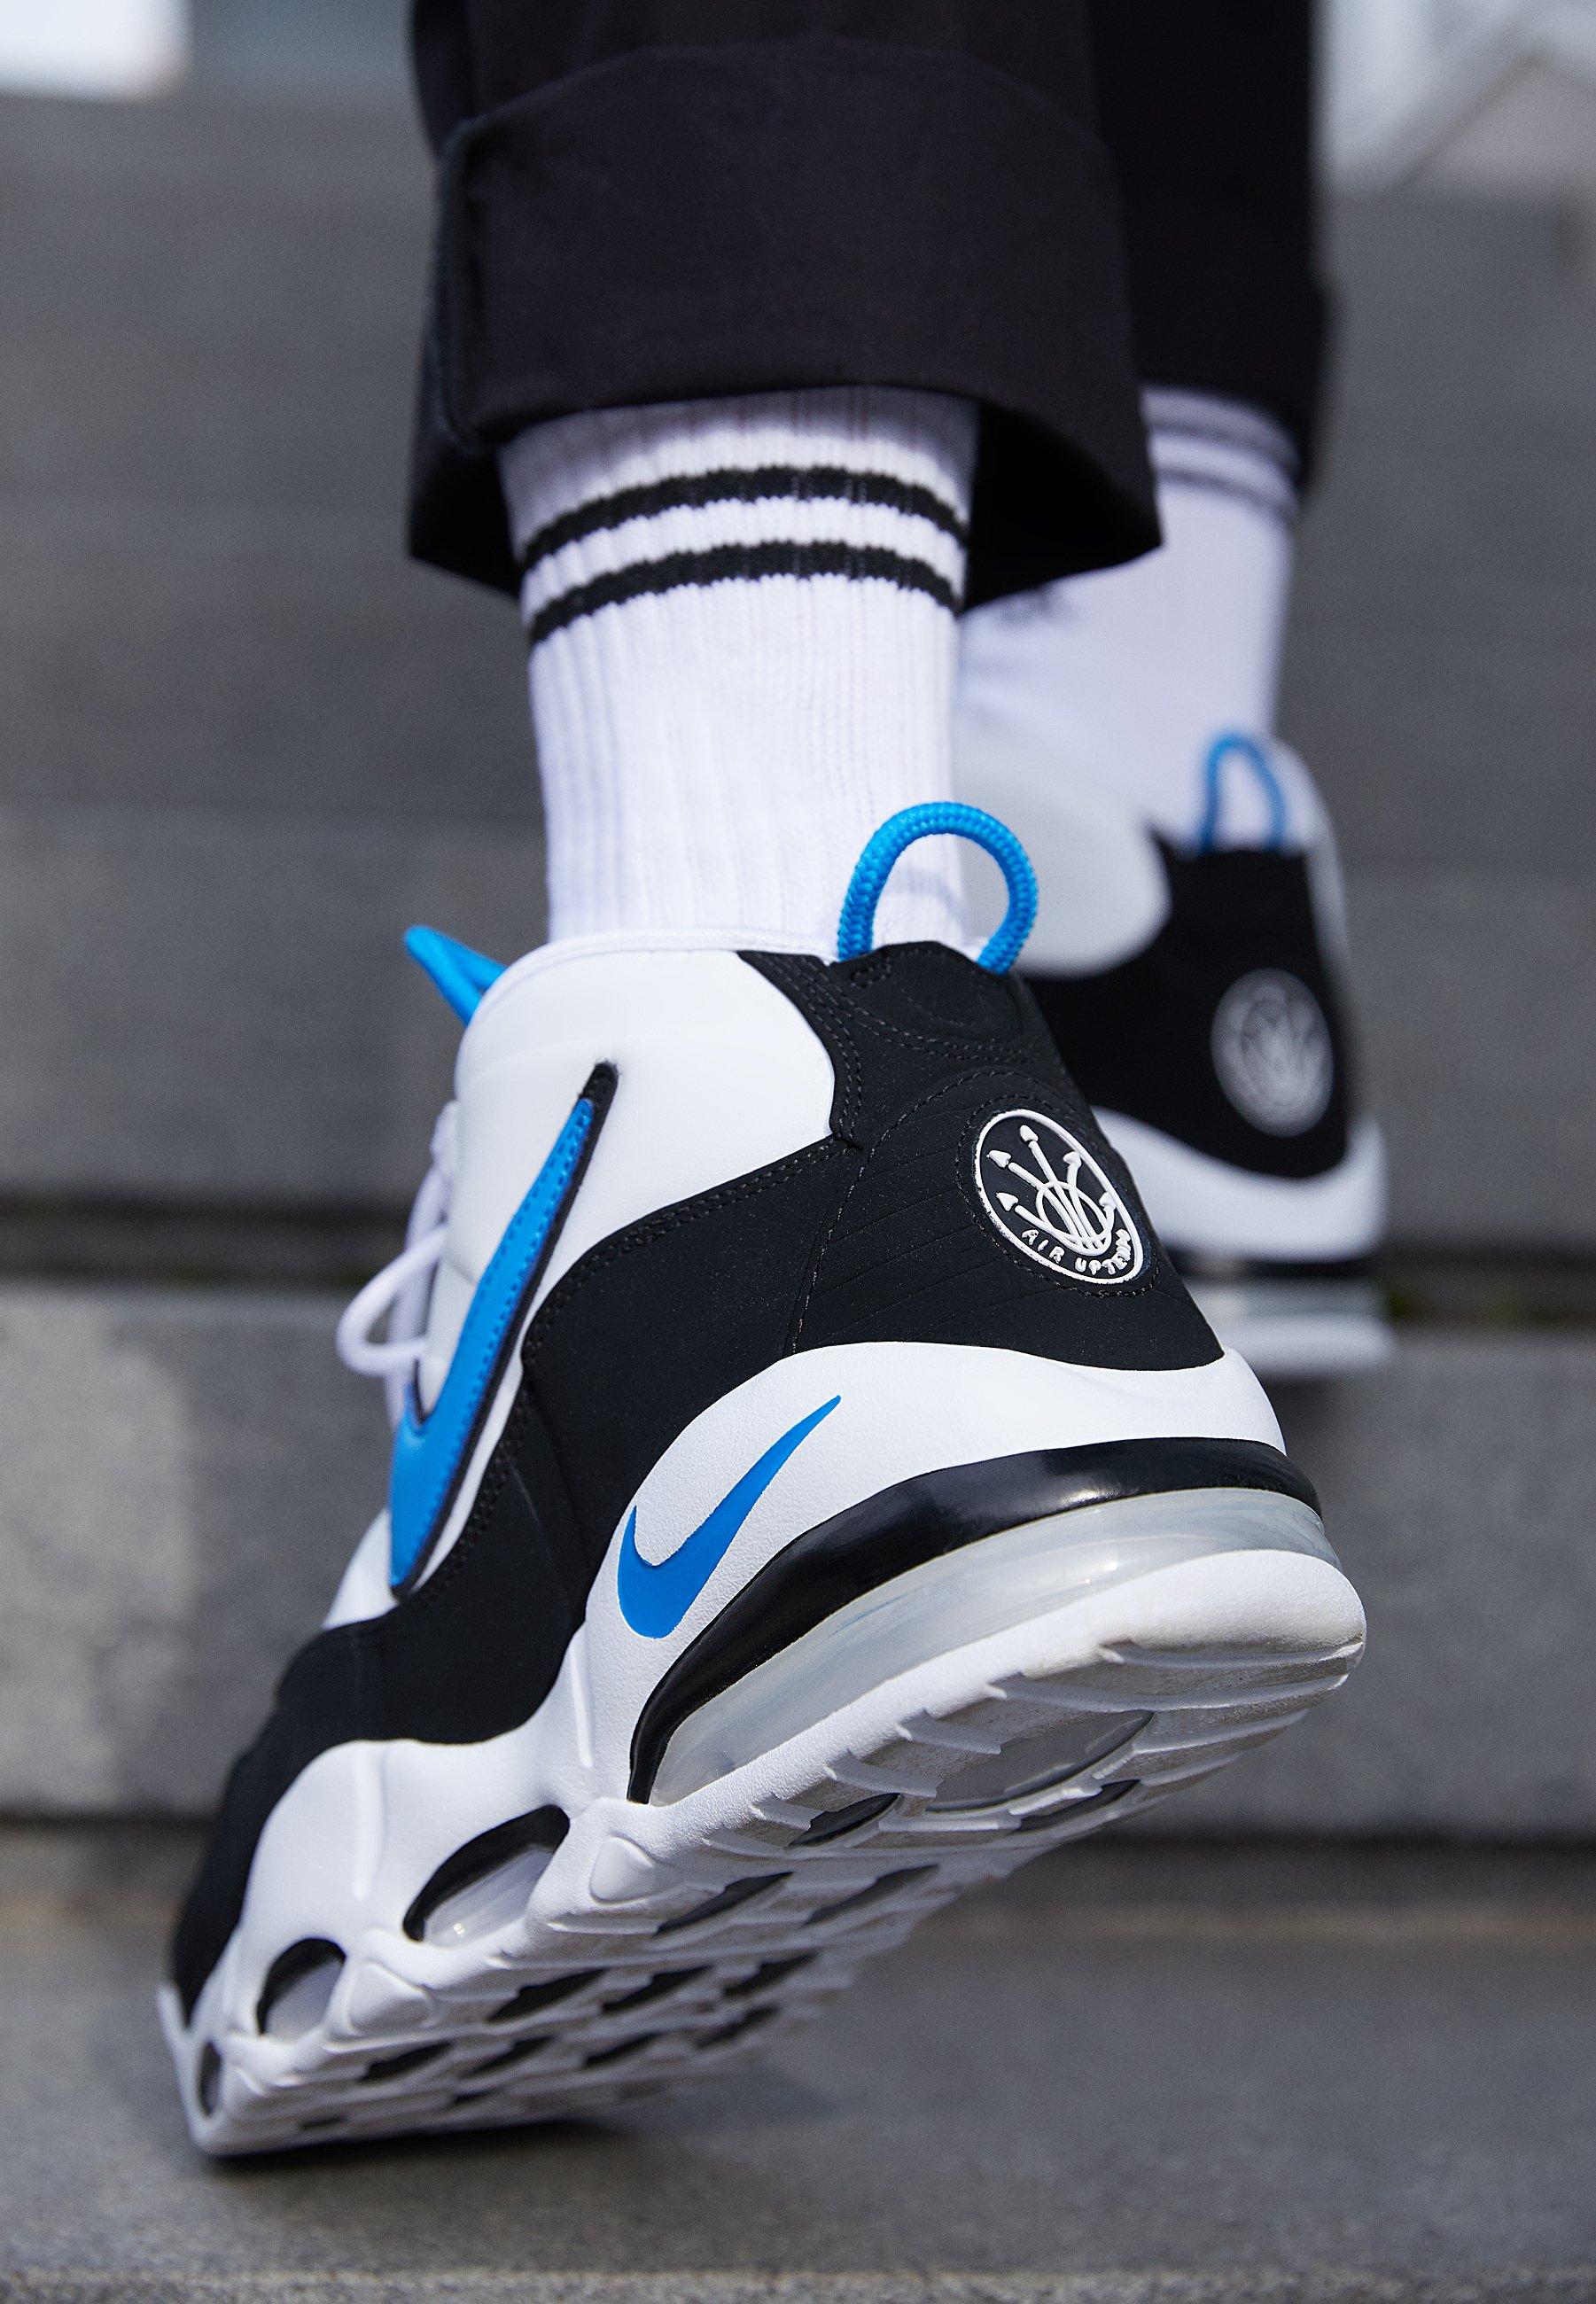 AIR MAX UPTEMPO '95 Baskets montantes whitephoto blueblack